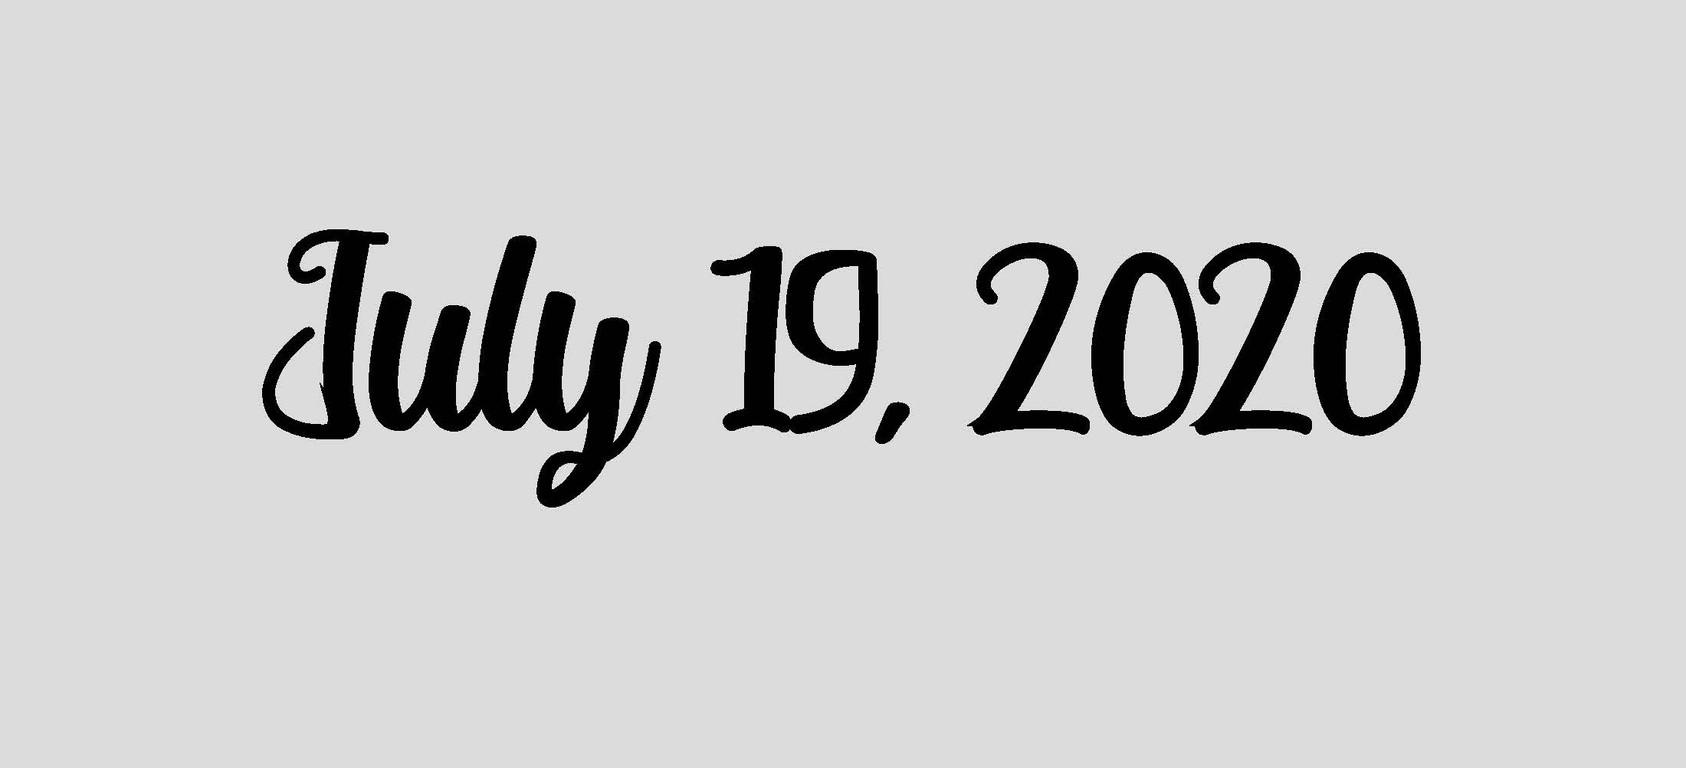 July 19, 2020